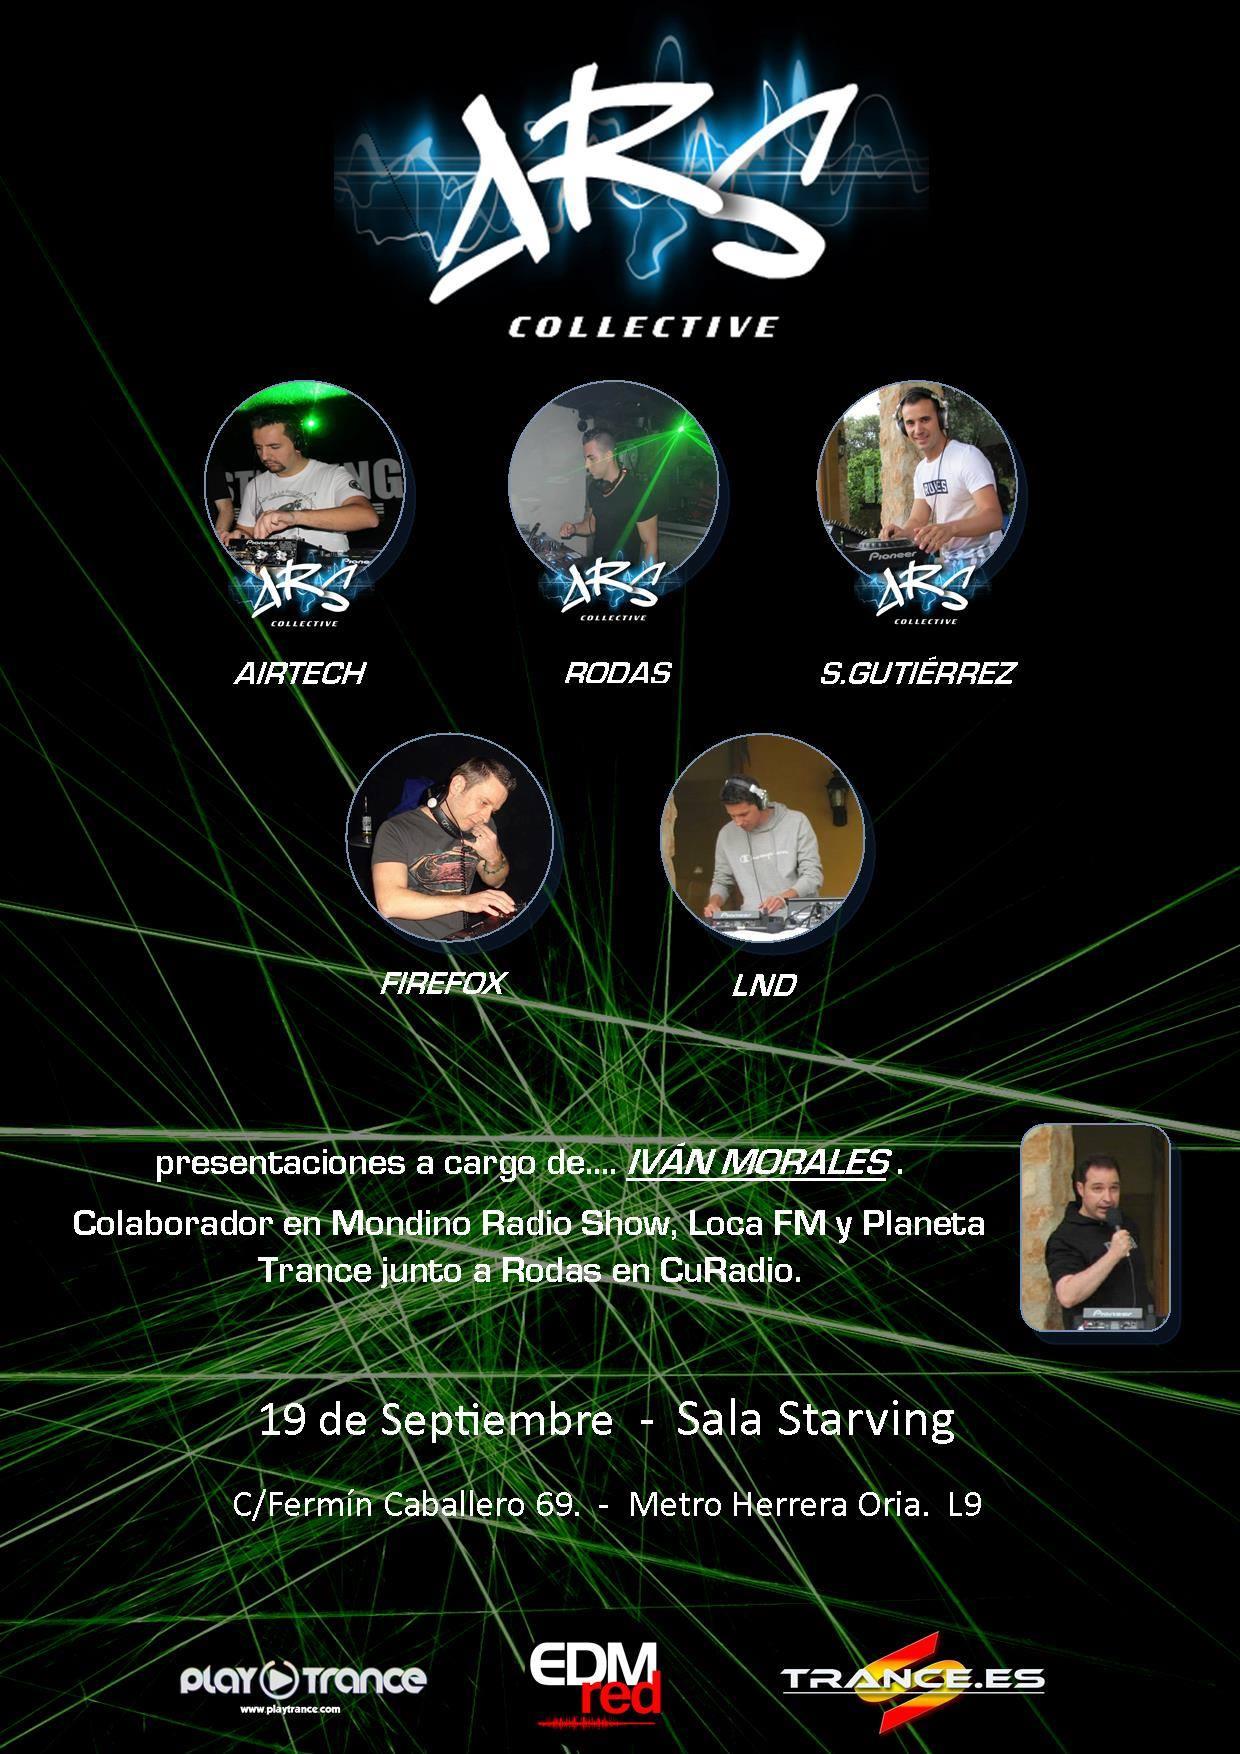 A.R.S.: Nace un nuevo colectivo de trance en Madrid